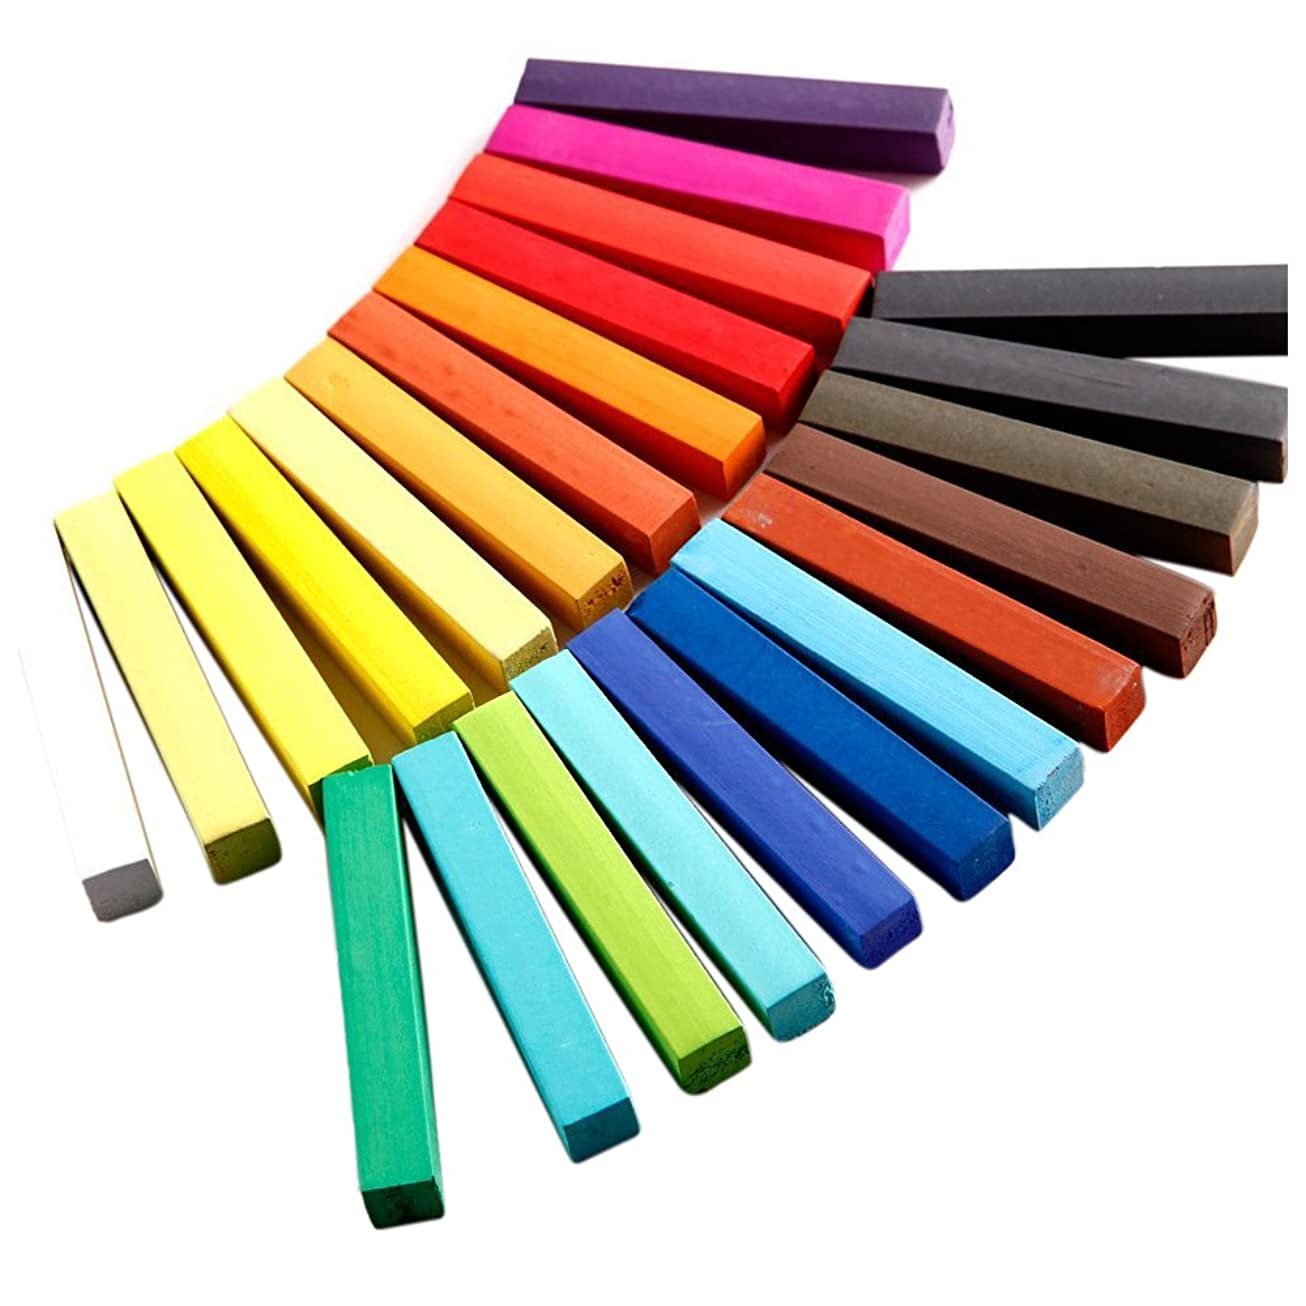 ムスタチオシェア依存するSODIAL(R) キット24色ヘアカラー染料一時ヘアチェロ